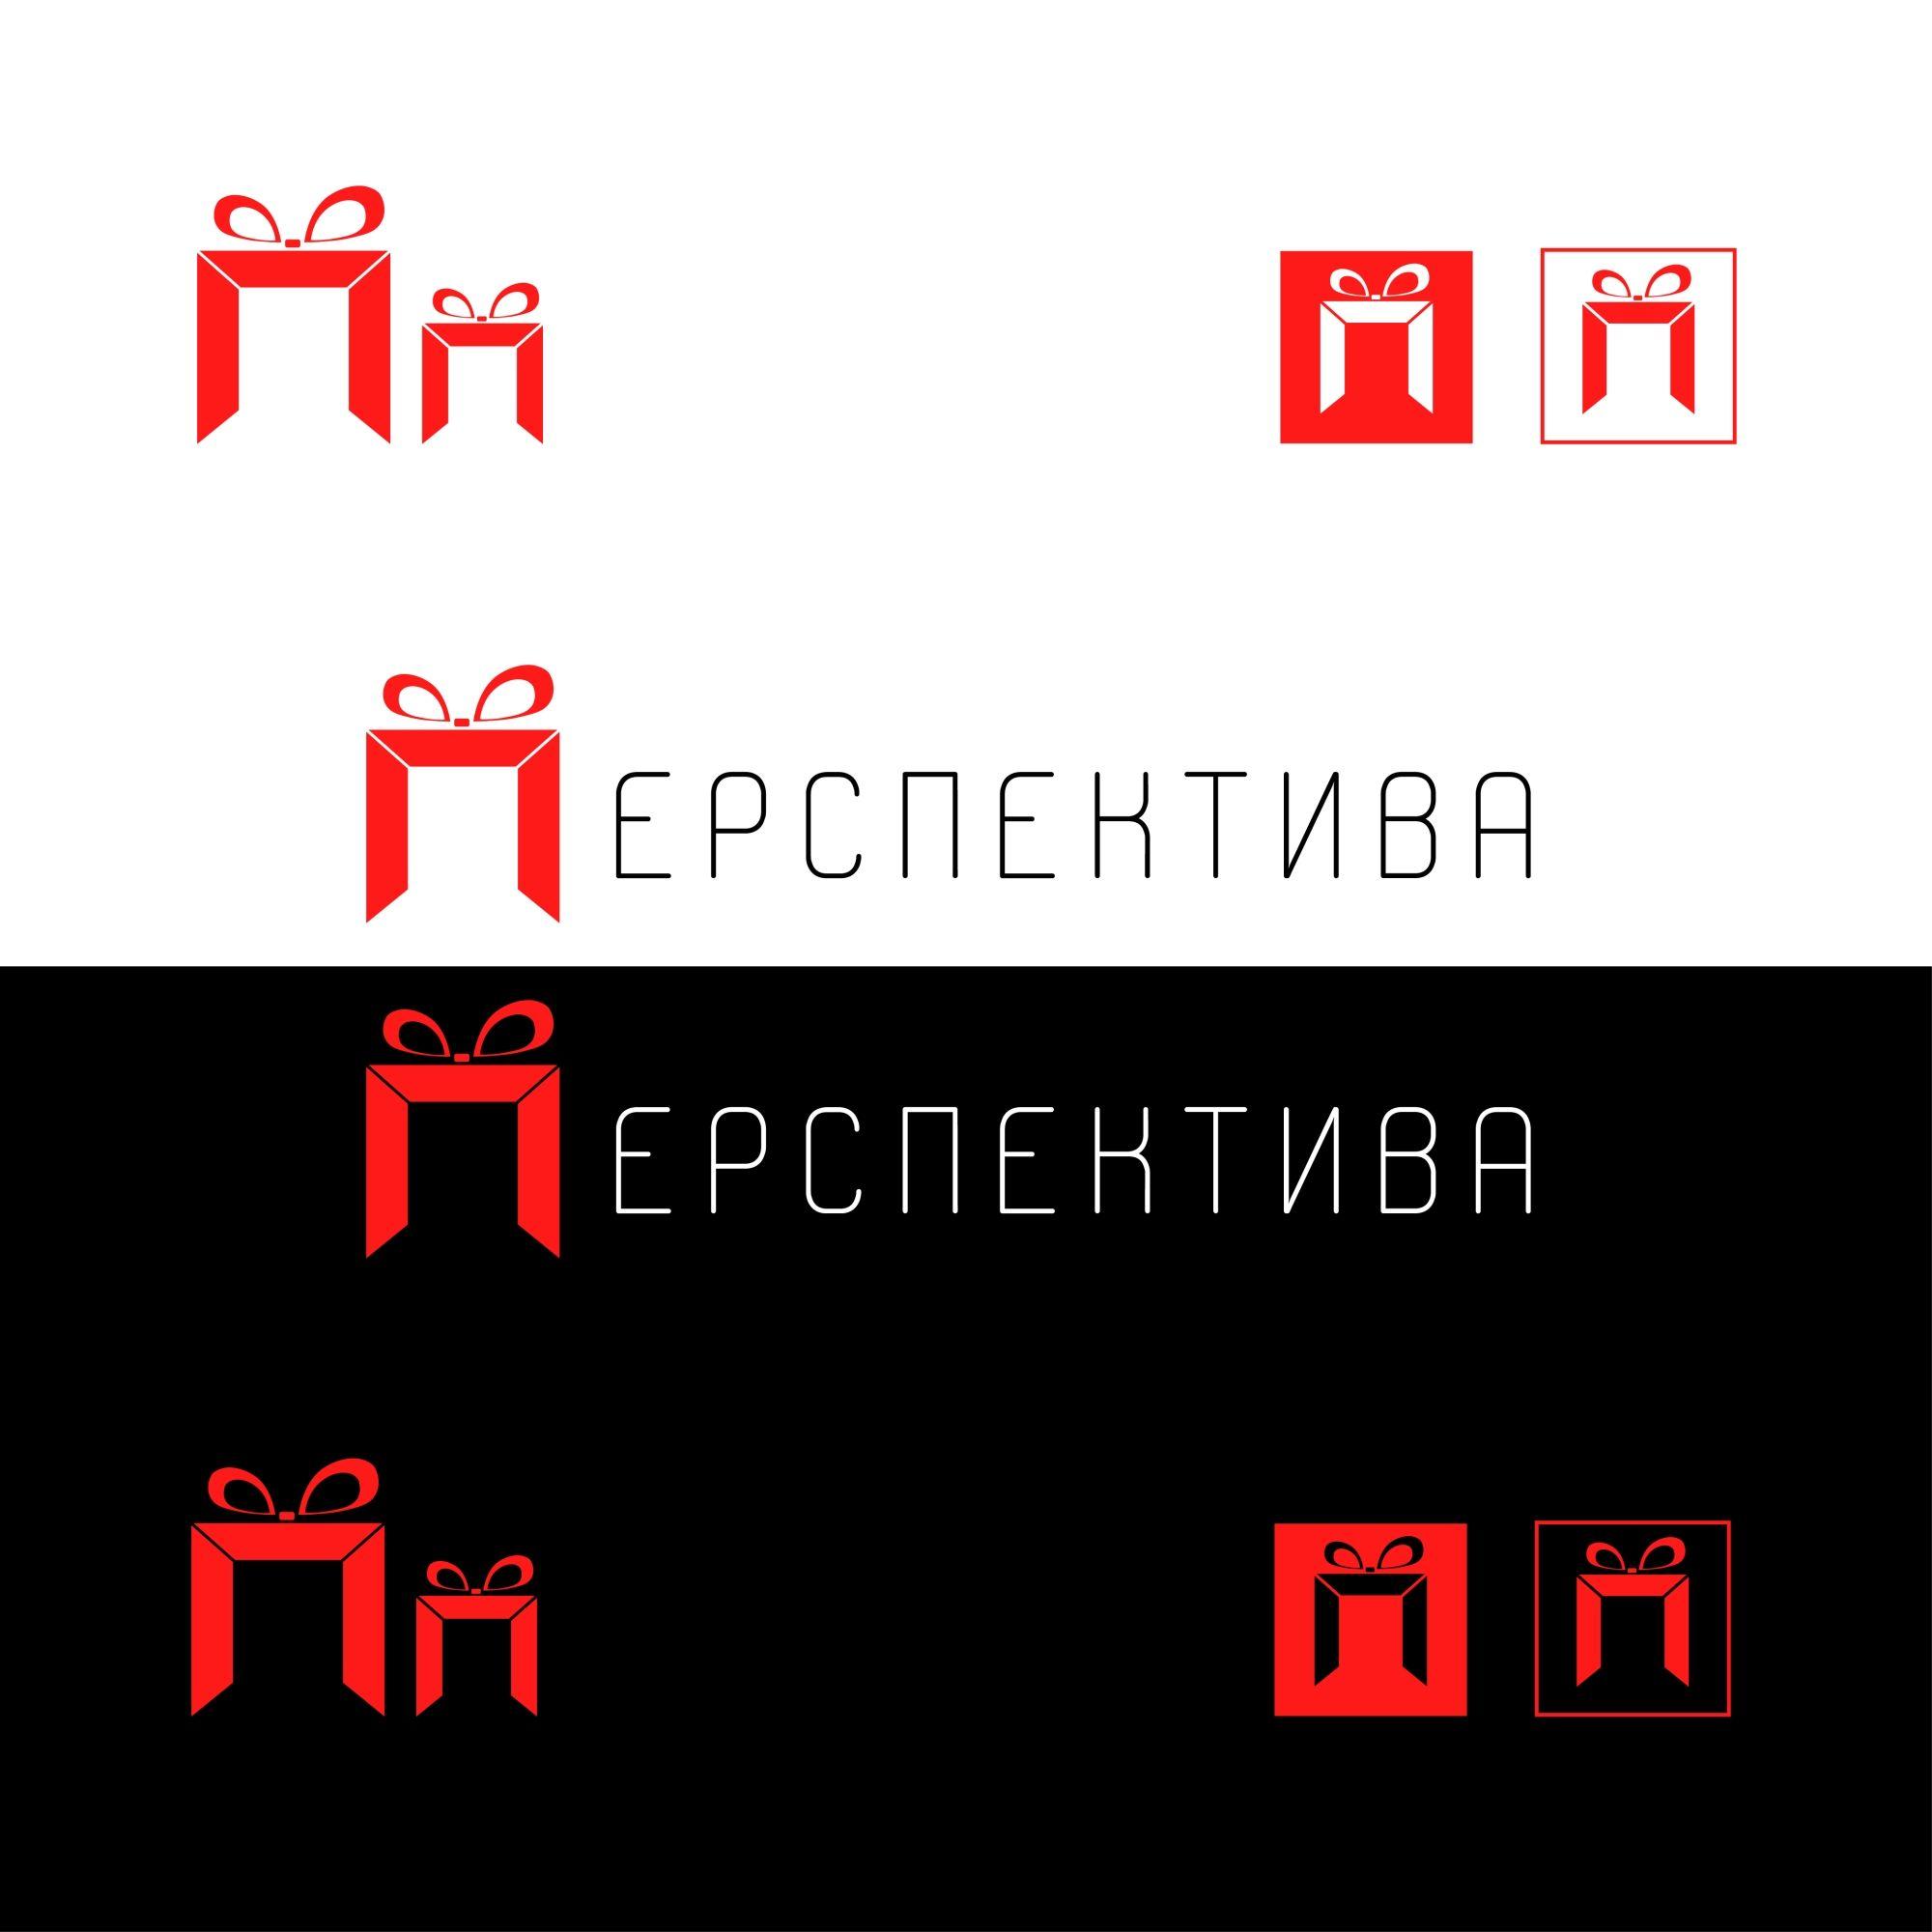 Логотип для компании  - дизайнер RedRain91